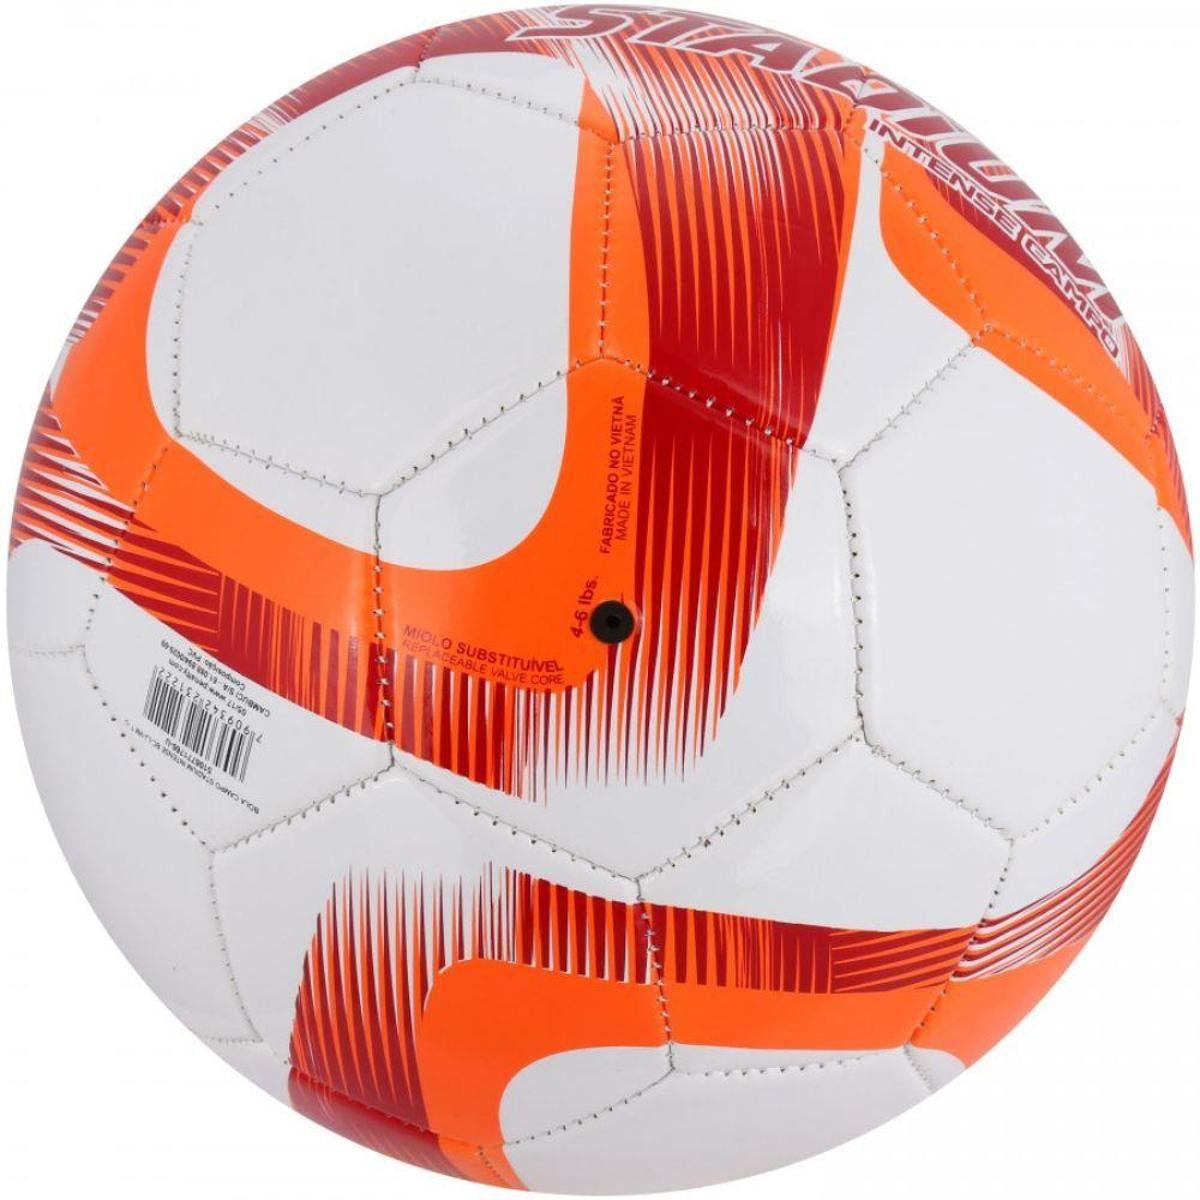 Bola de Futebol de Campo Stadium Intense   - REAL ESPORTE